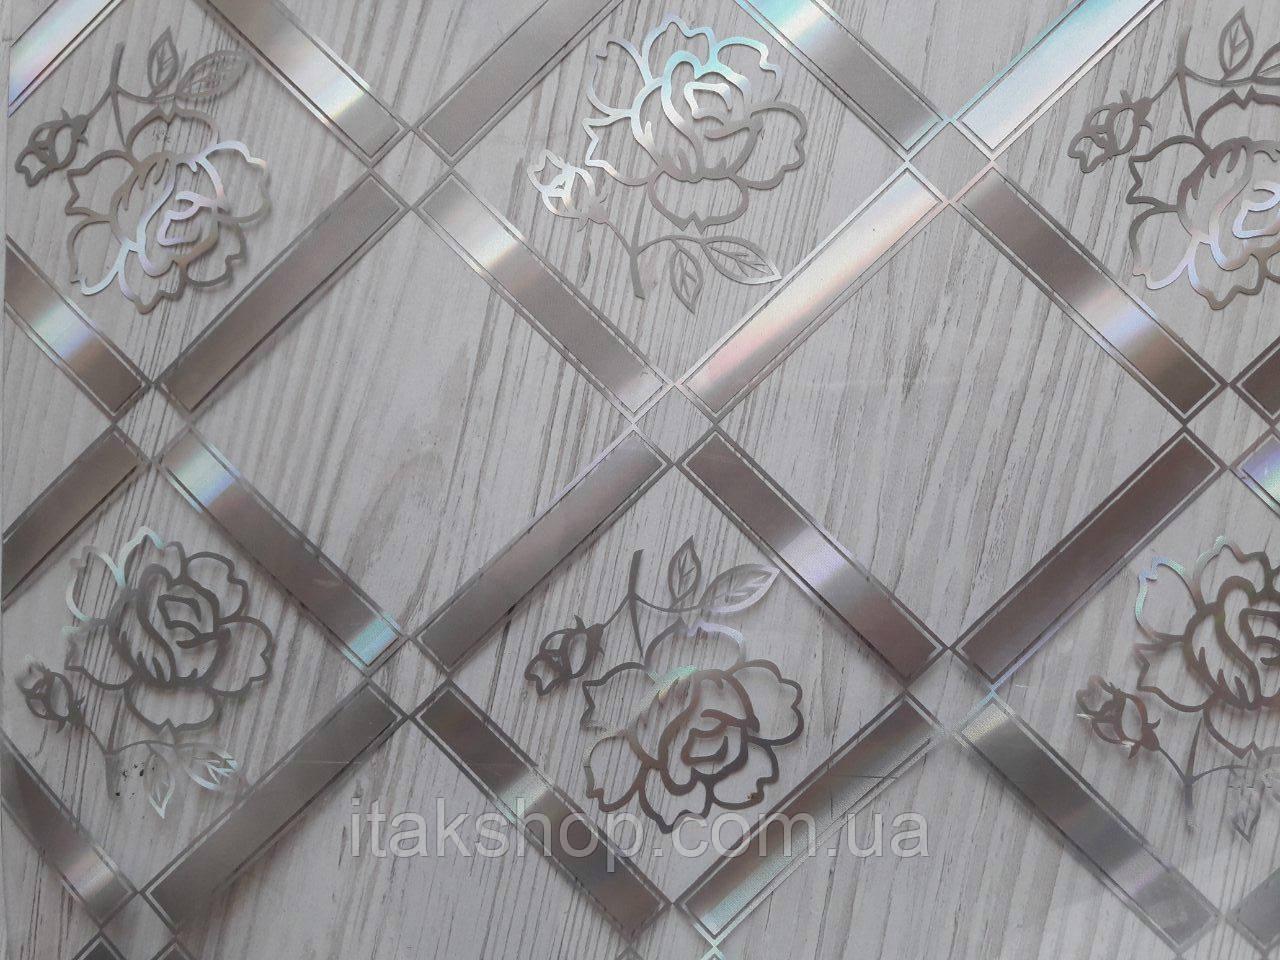 Мягкое стекло Скатерть с лазерным рисунком Soft Glass 1.5х0.8м толщина 1.5мм Серебристая роза в квадрате